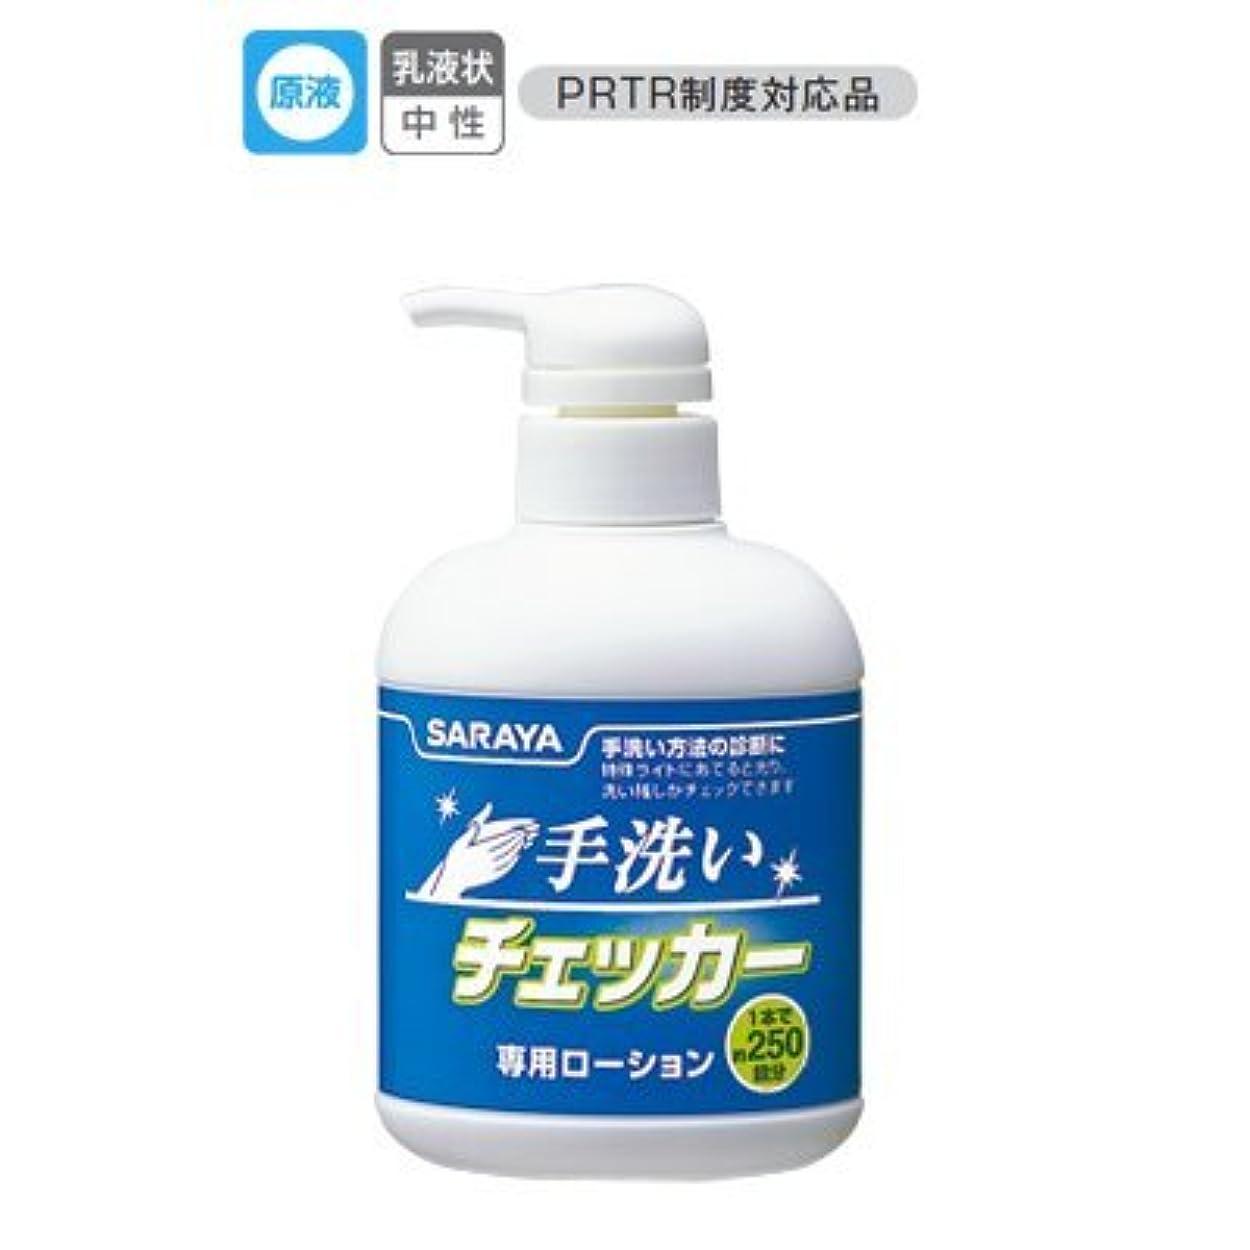 ソートこれら残忍なサラヤ 手洗いチェッカー 専用ローション 250mL【清潔キレイ館】